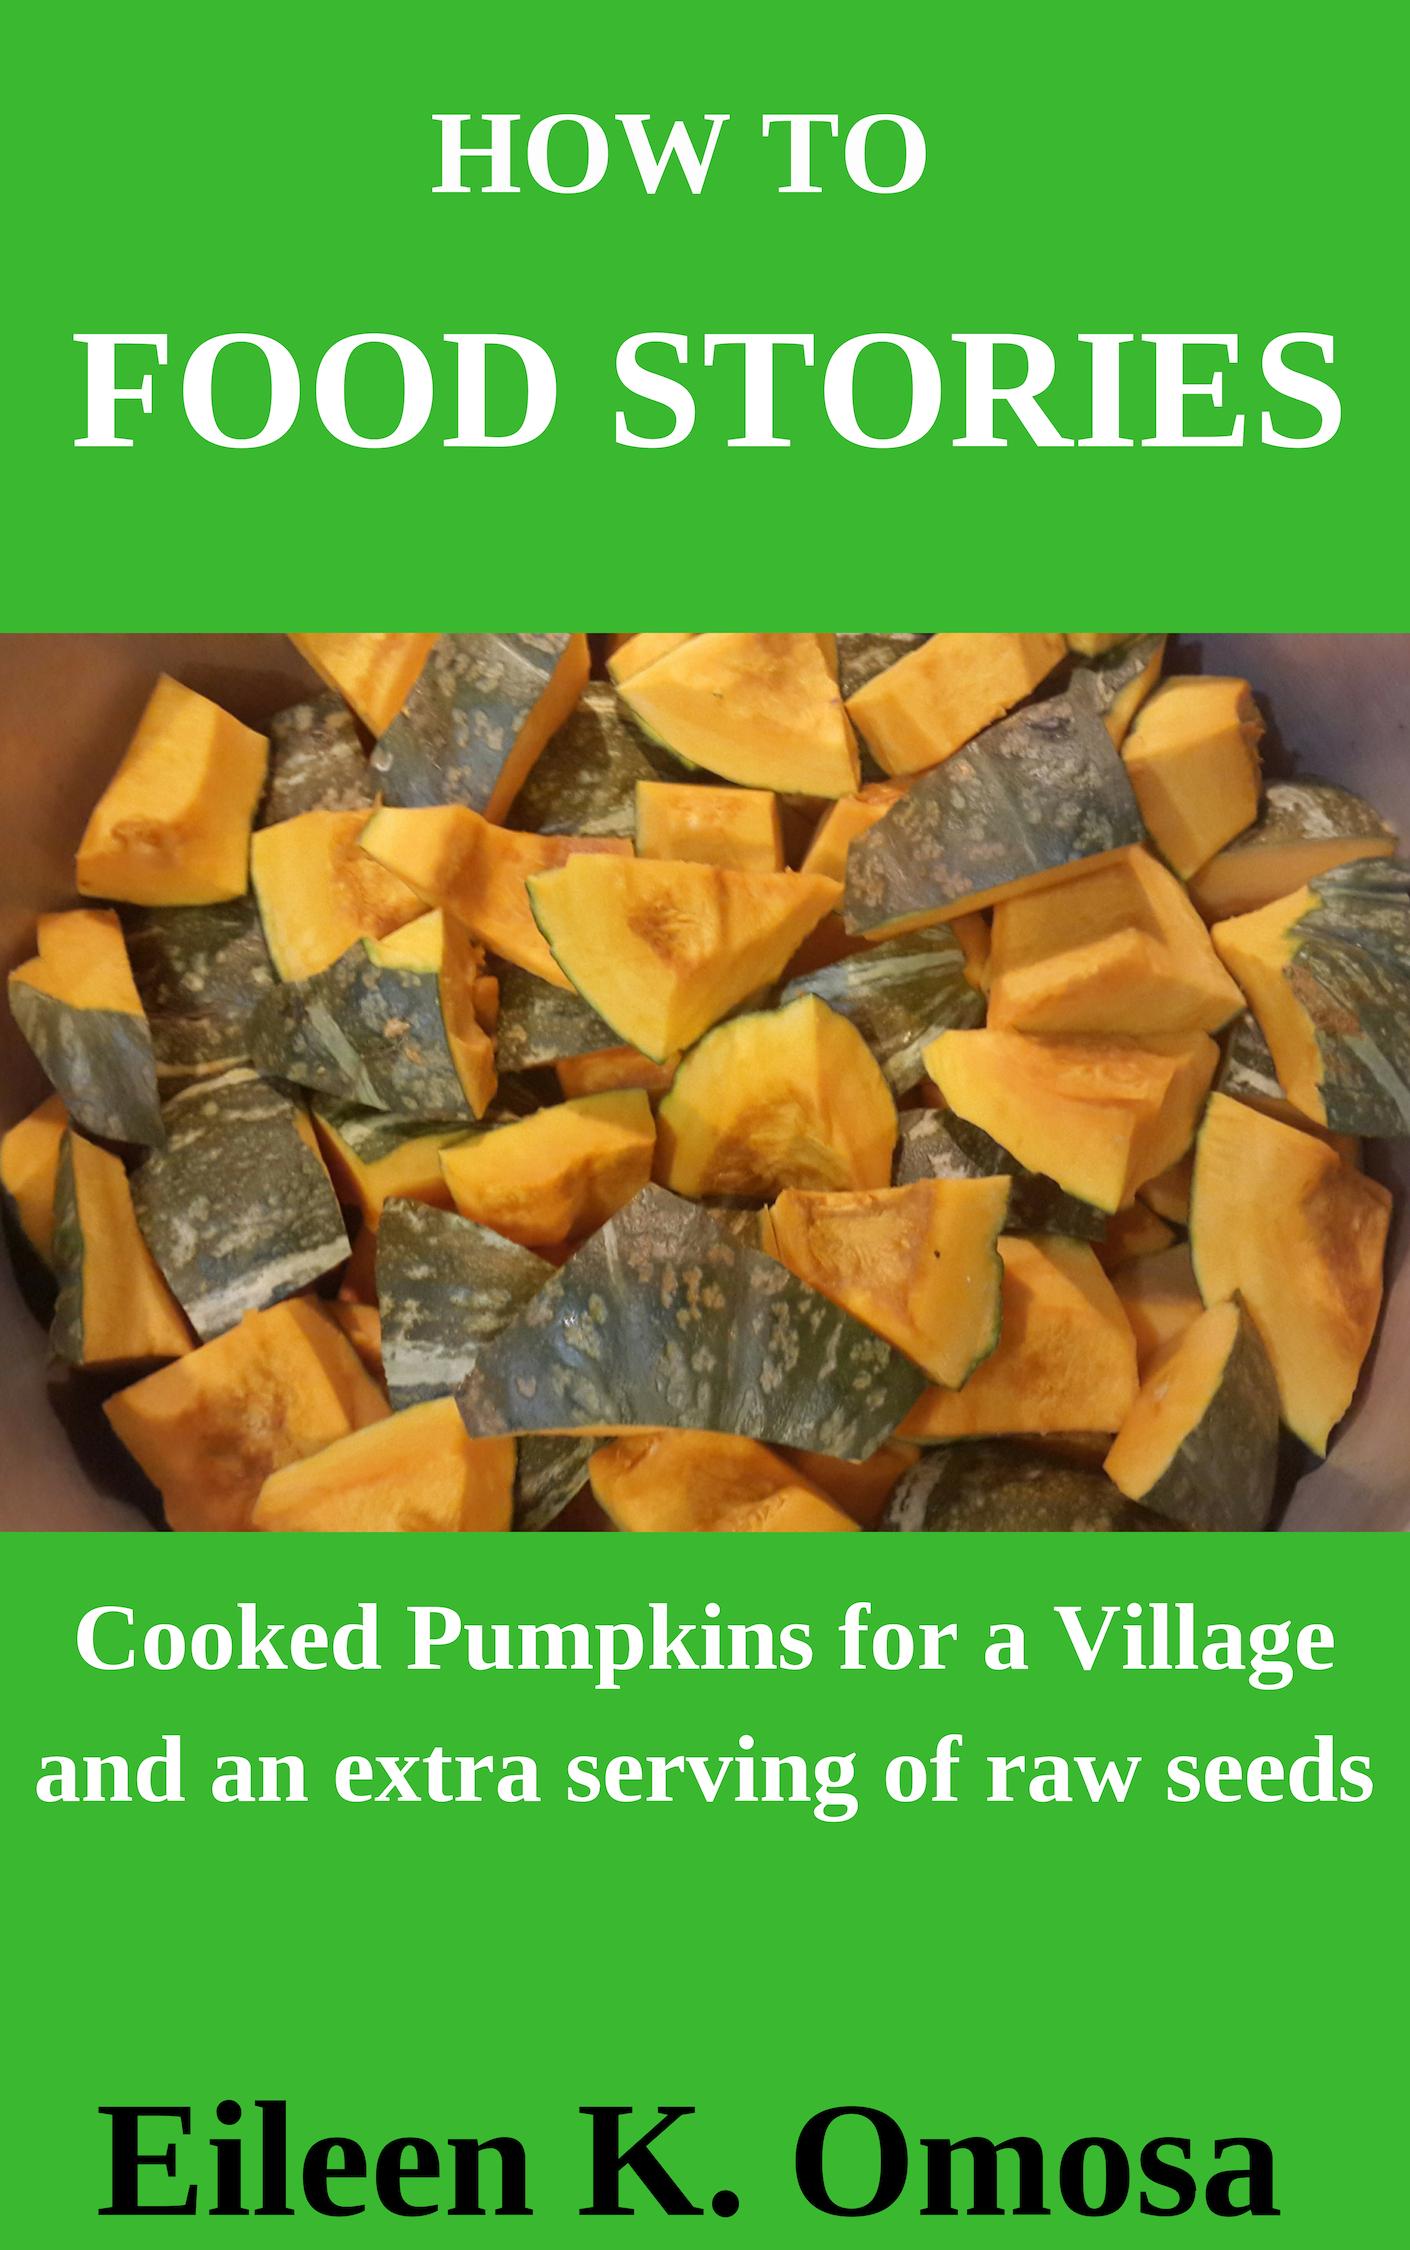 CookedPumpkinsForVillage (1).jpg